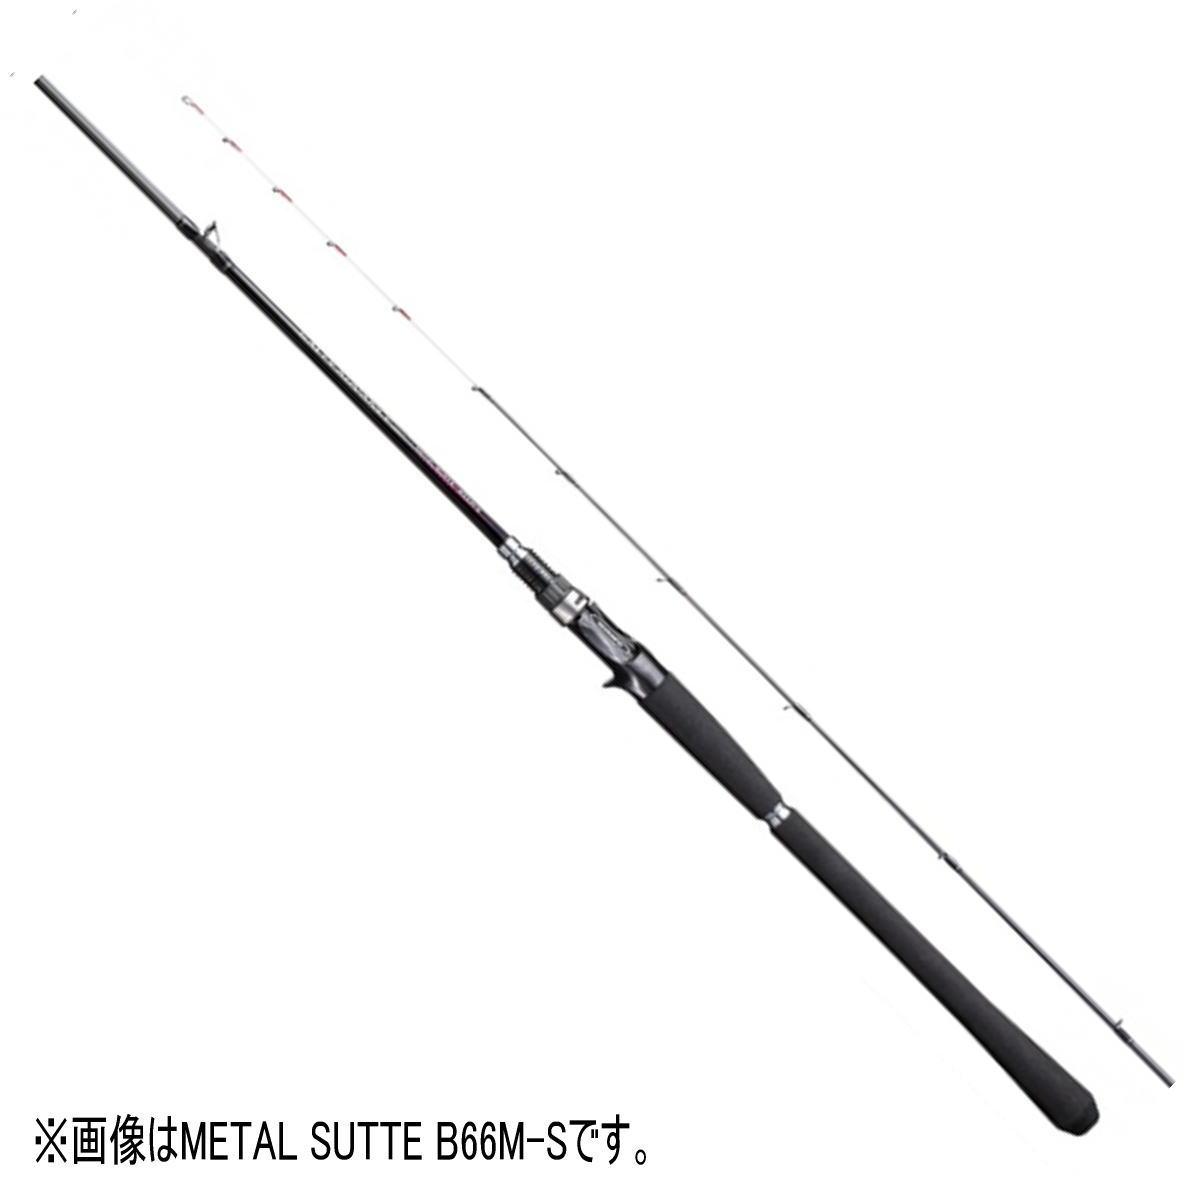 送料無料5 シマノ ロッド 日本産 ソルティーアドバンス メタルスッテ 2020年新製品 税込 B66M-S